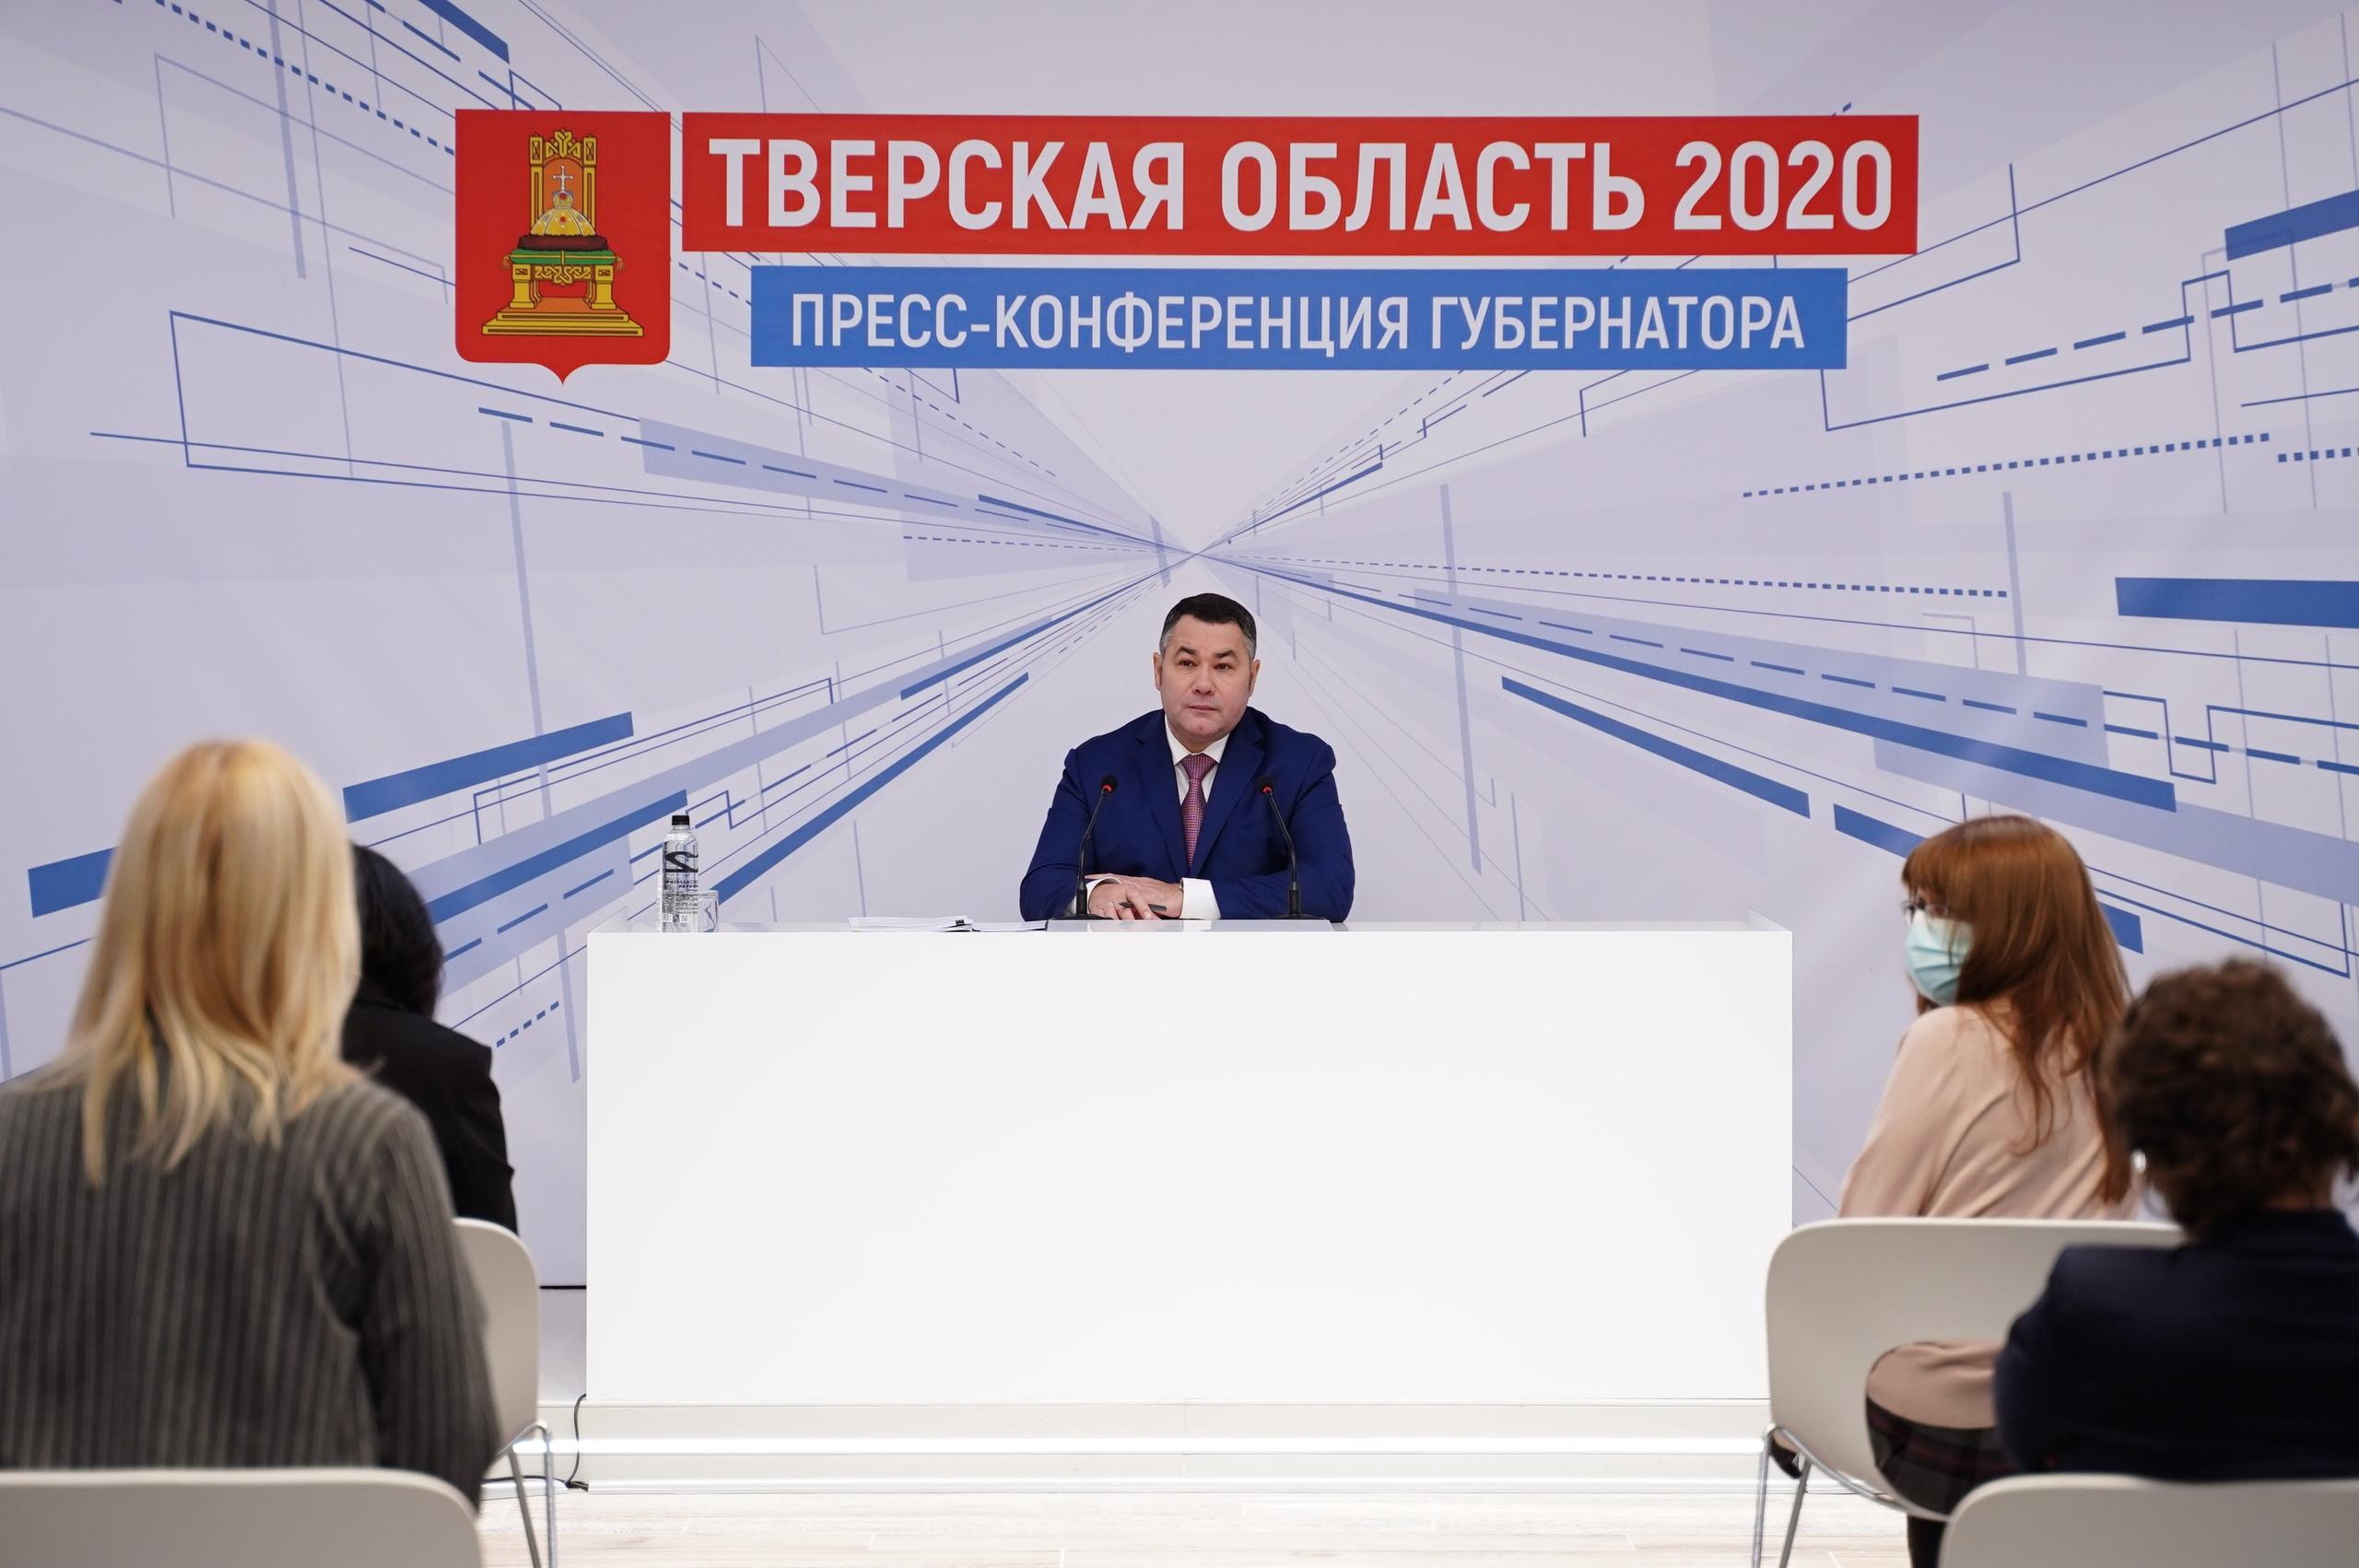 Пресс-конференция Игоря Рудени: текстовая трансляция от ТОП Тверь